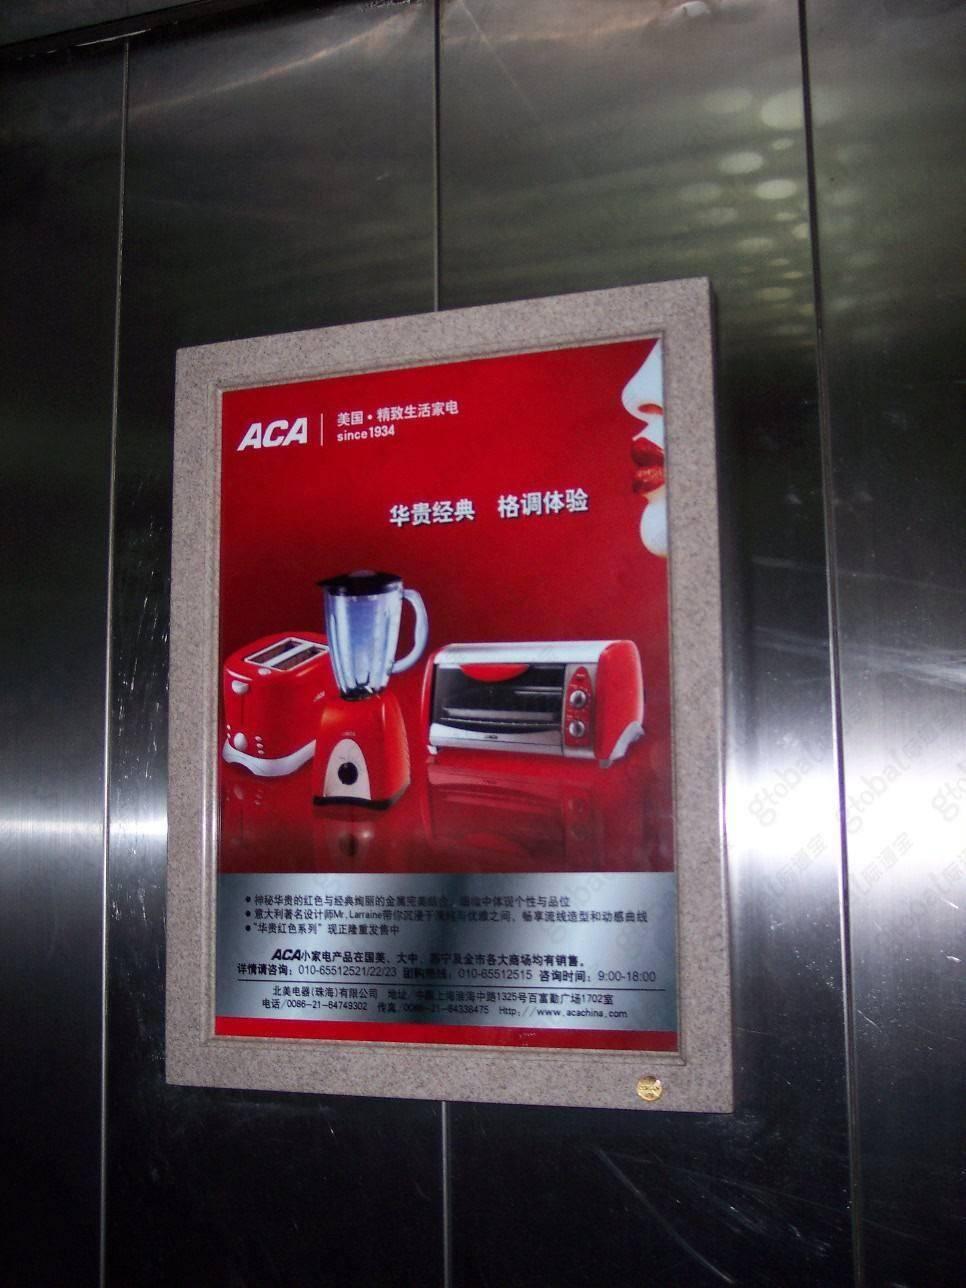 阳春电梯广告公司广告牌框架3.0投放(100框起投)